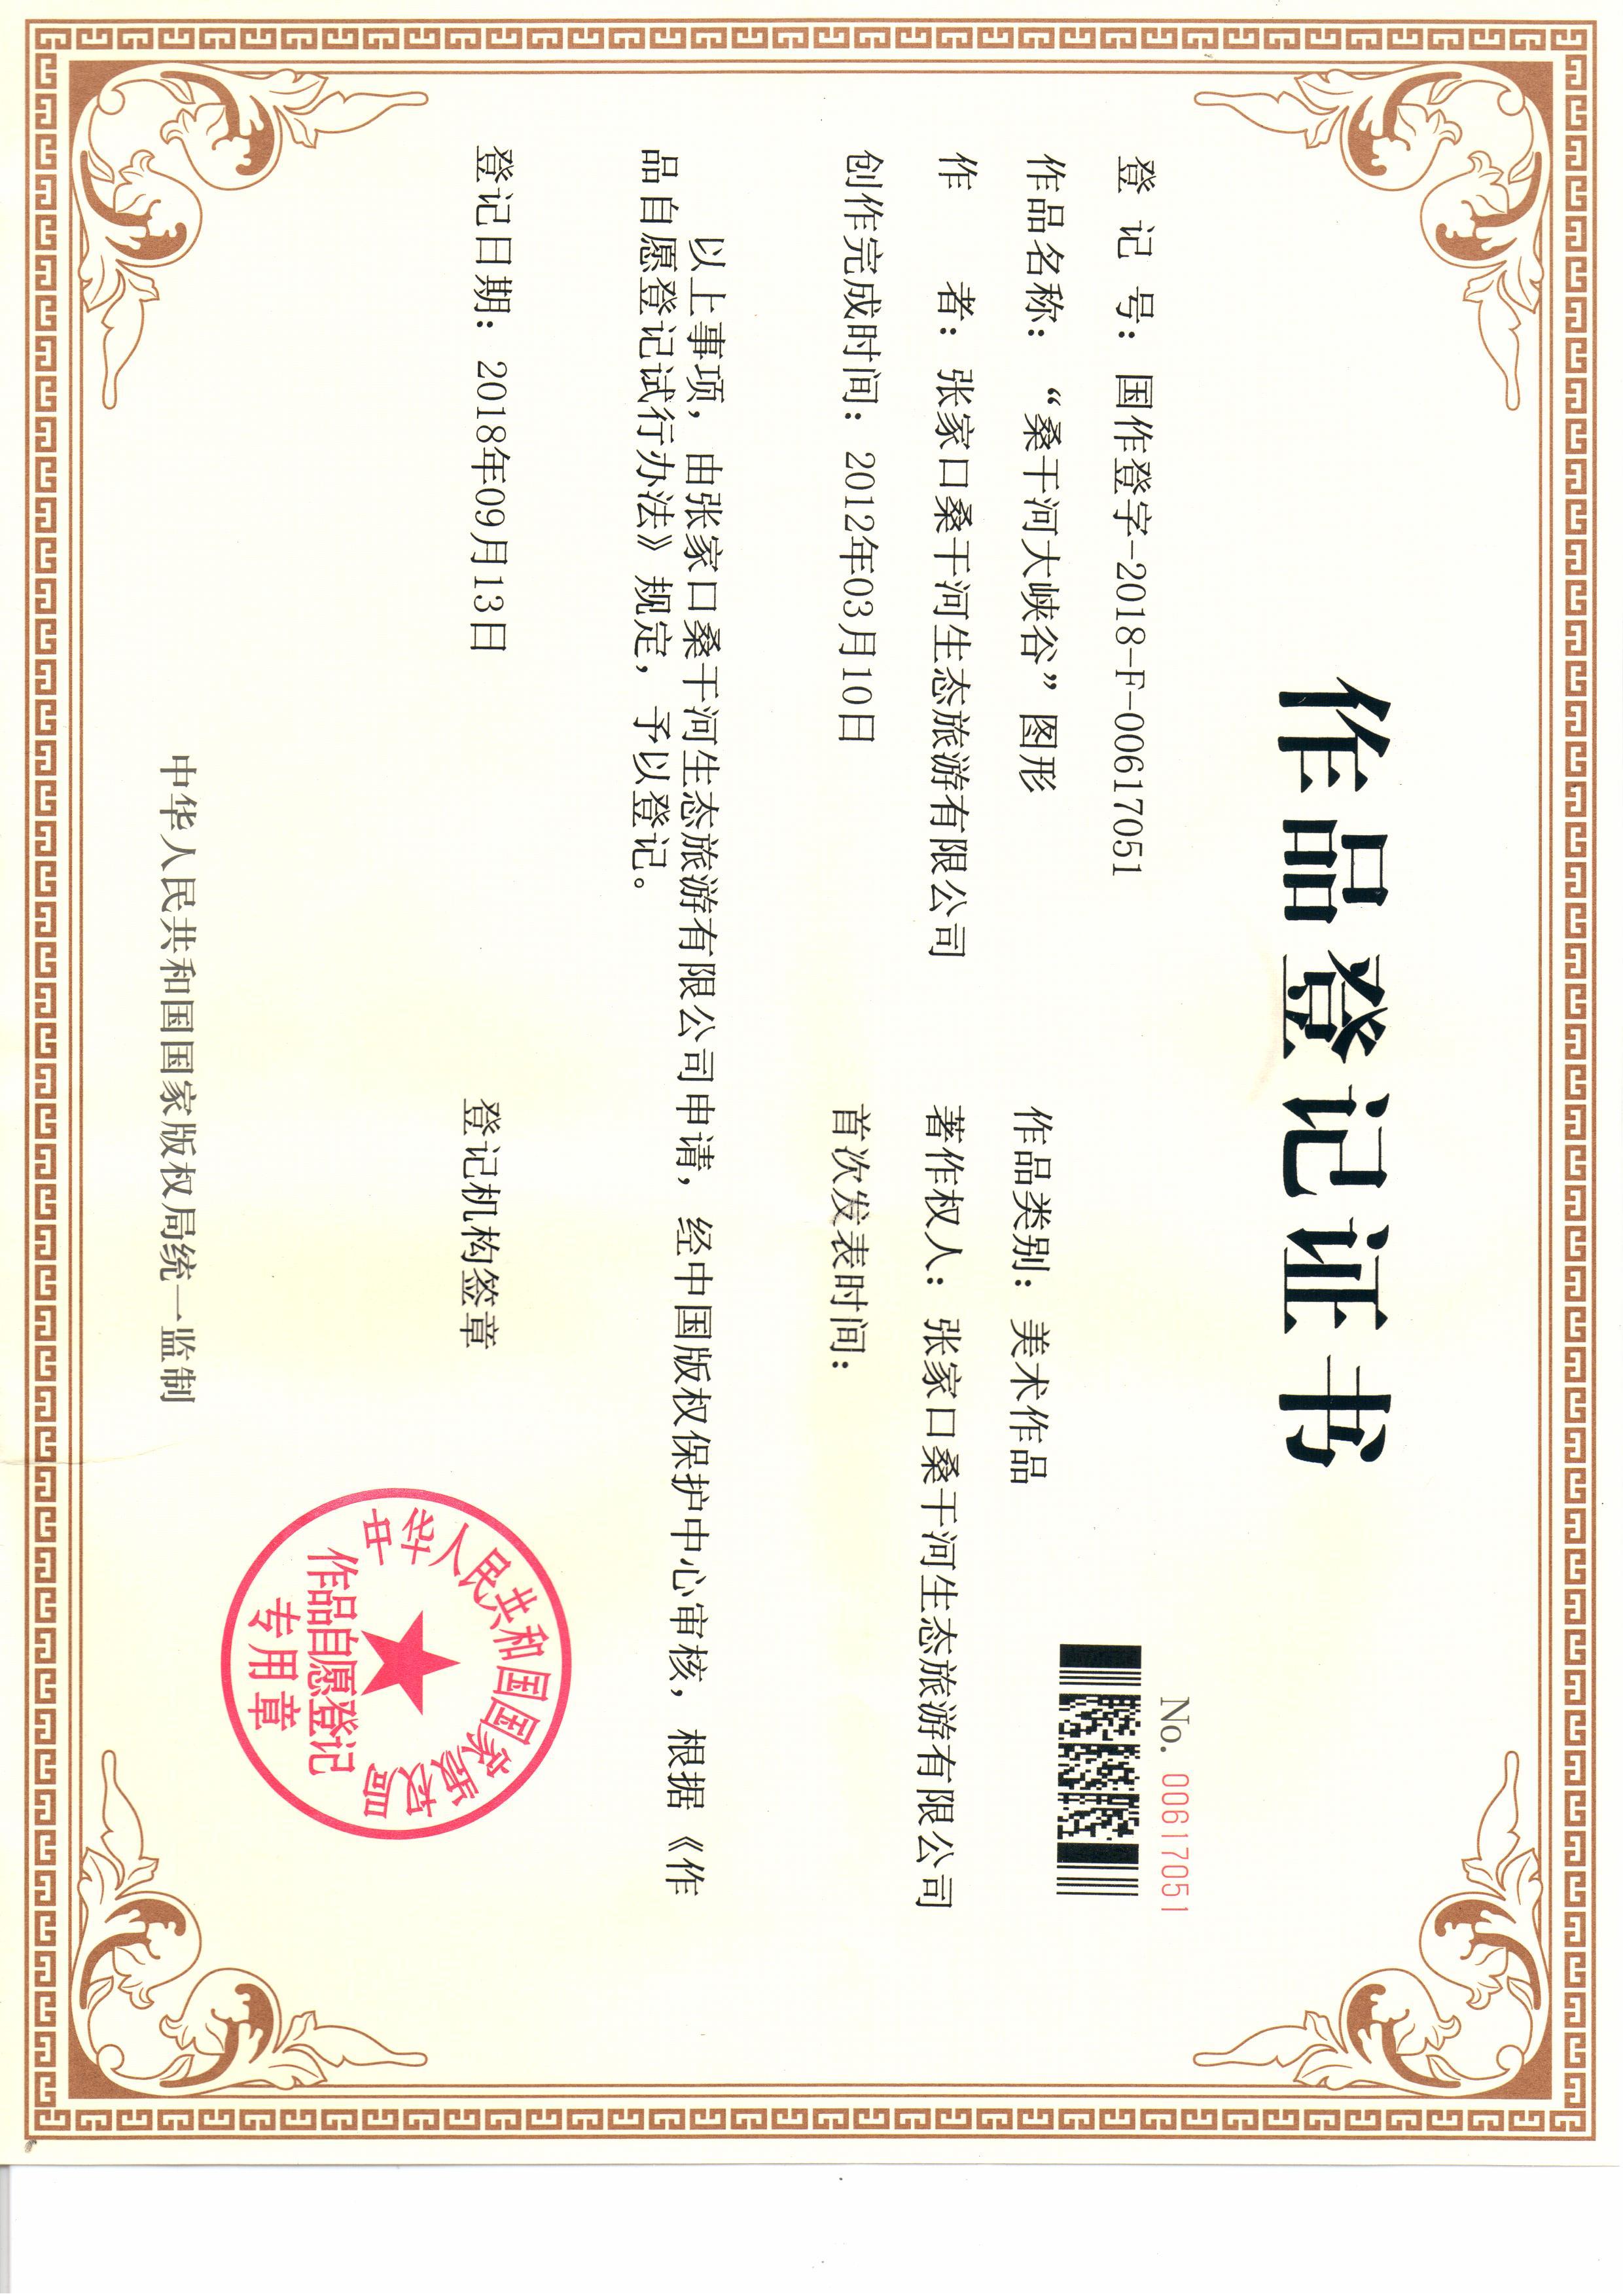 桑干河版权证书